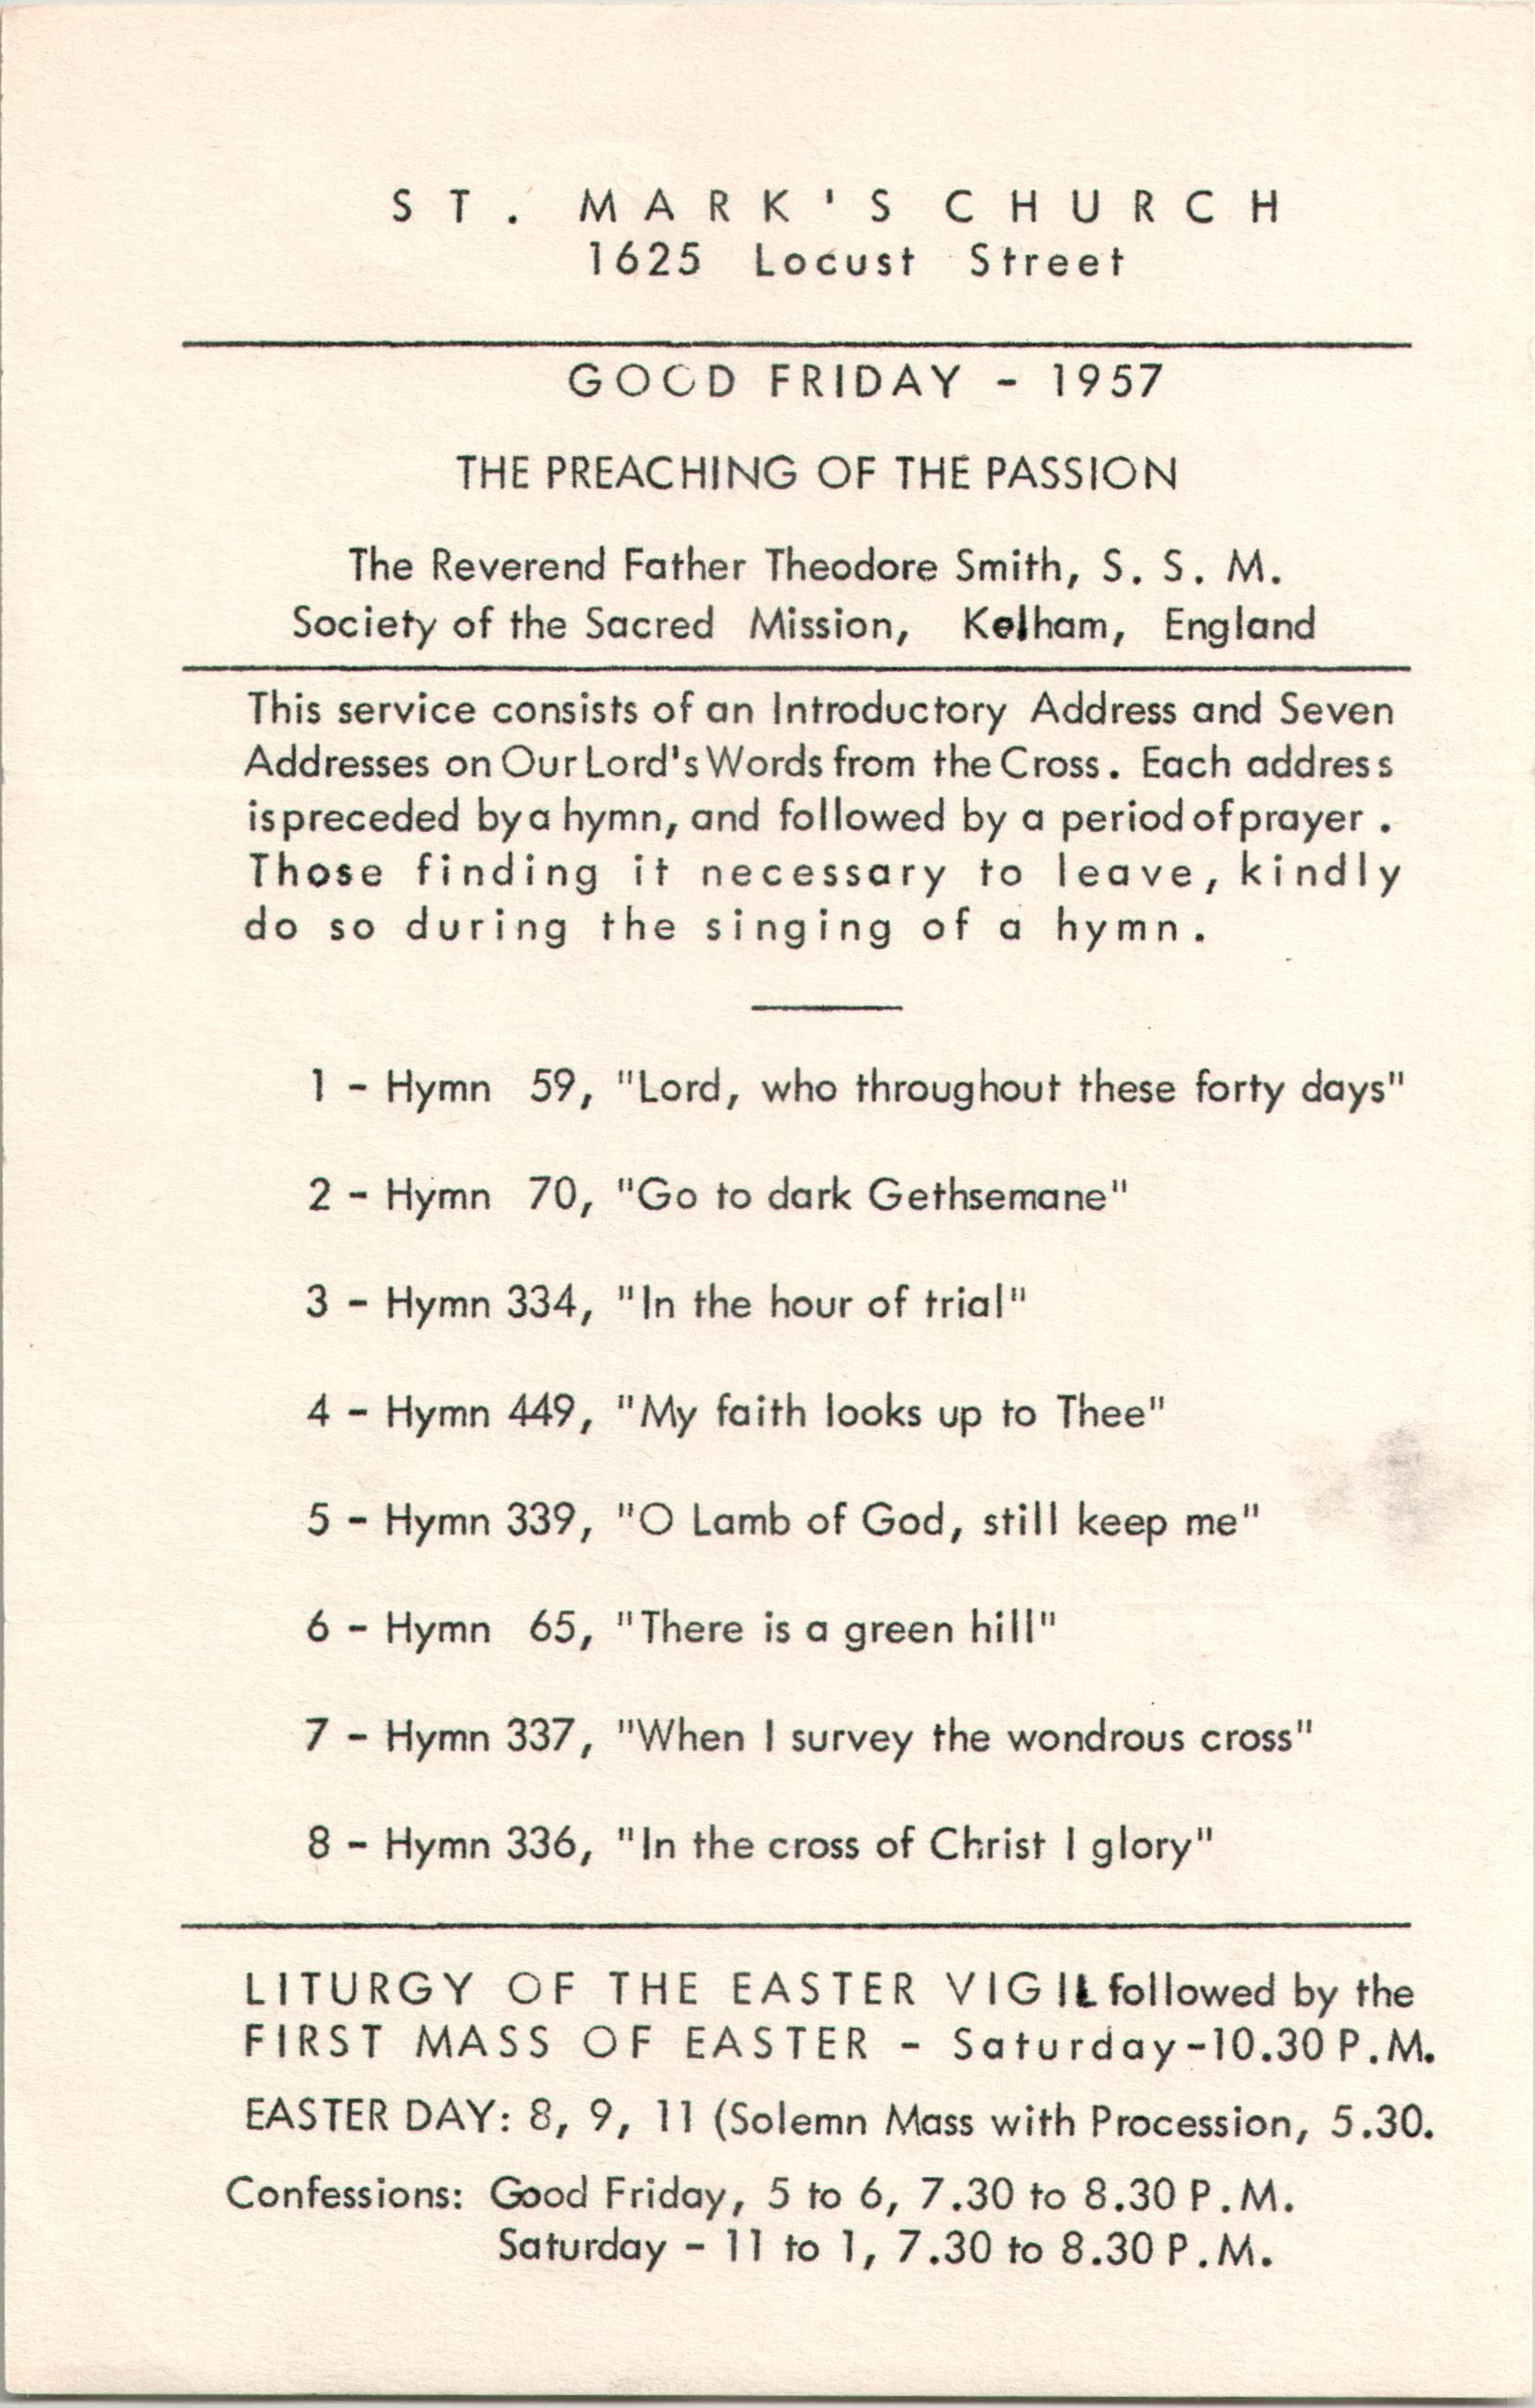 good friday program at st mark s church philadelphia for 1957